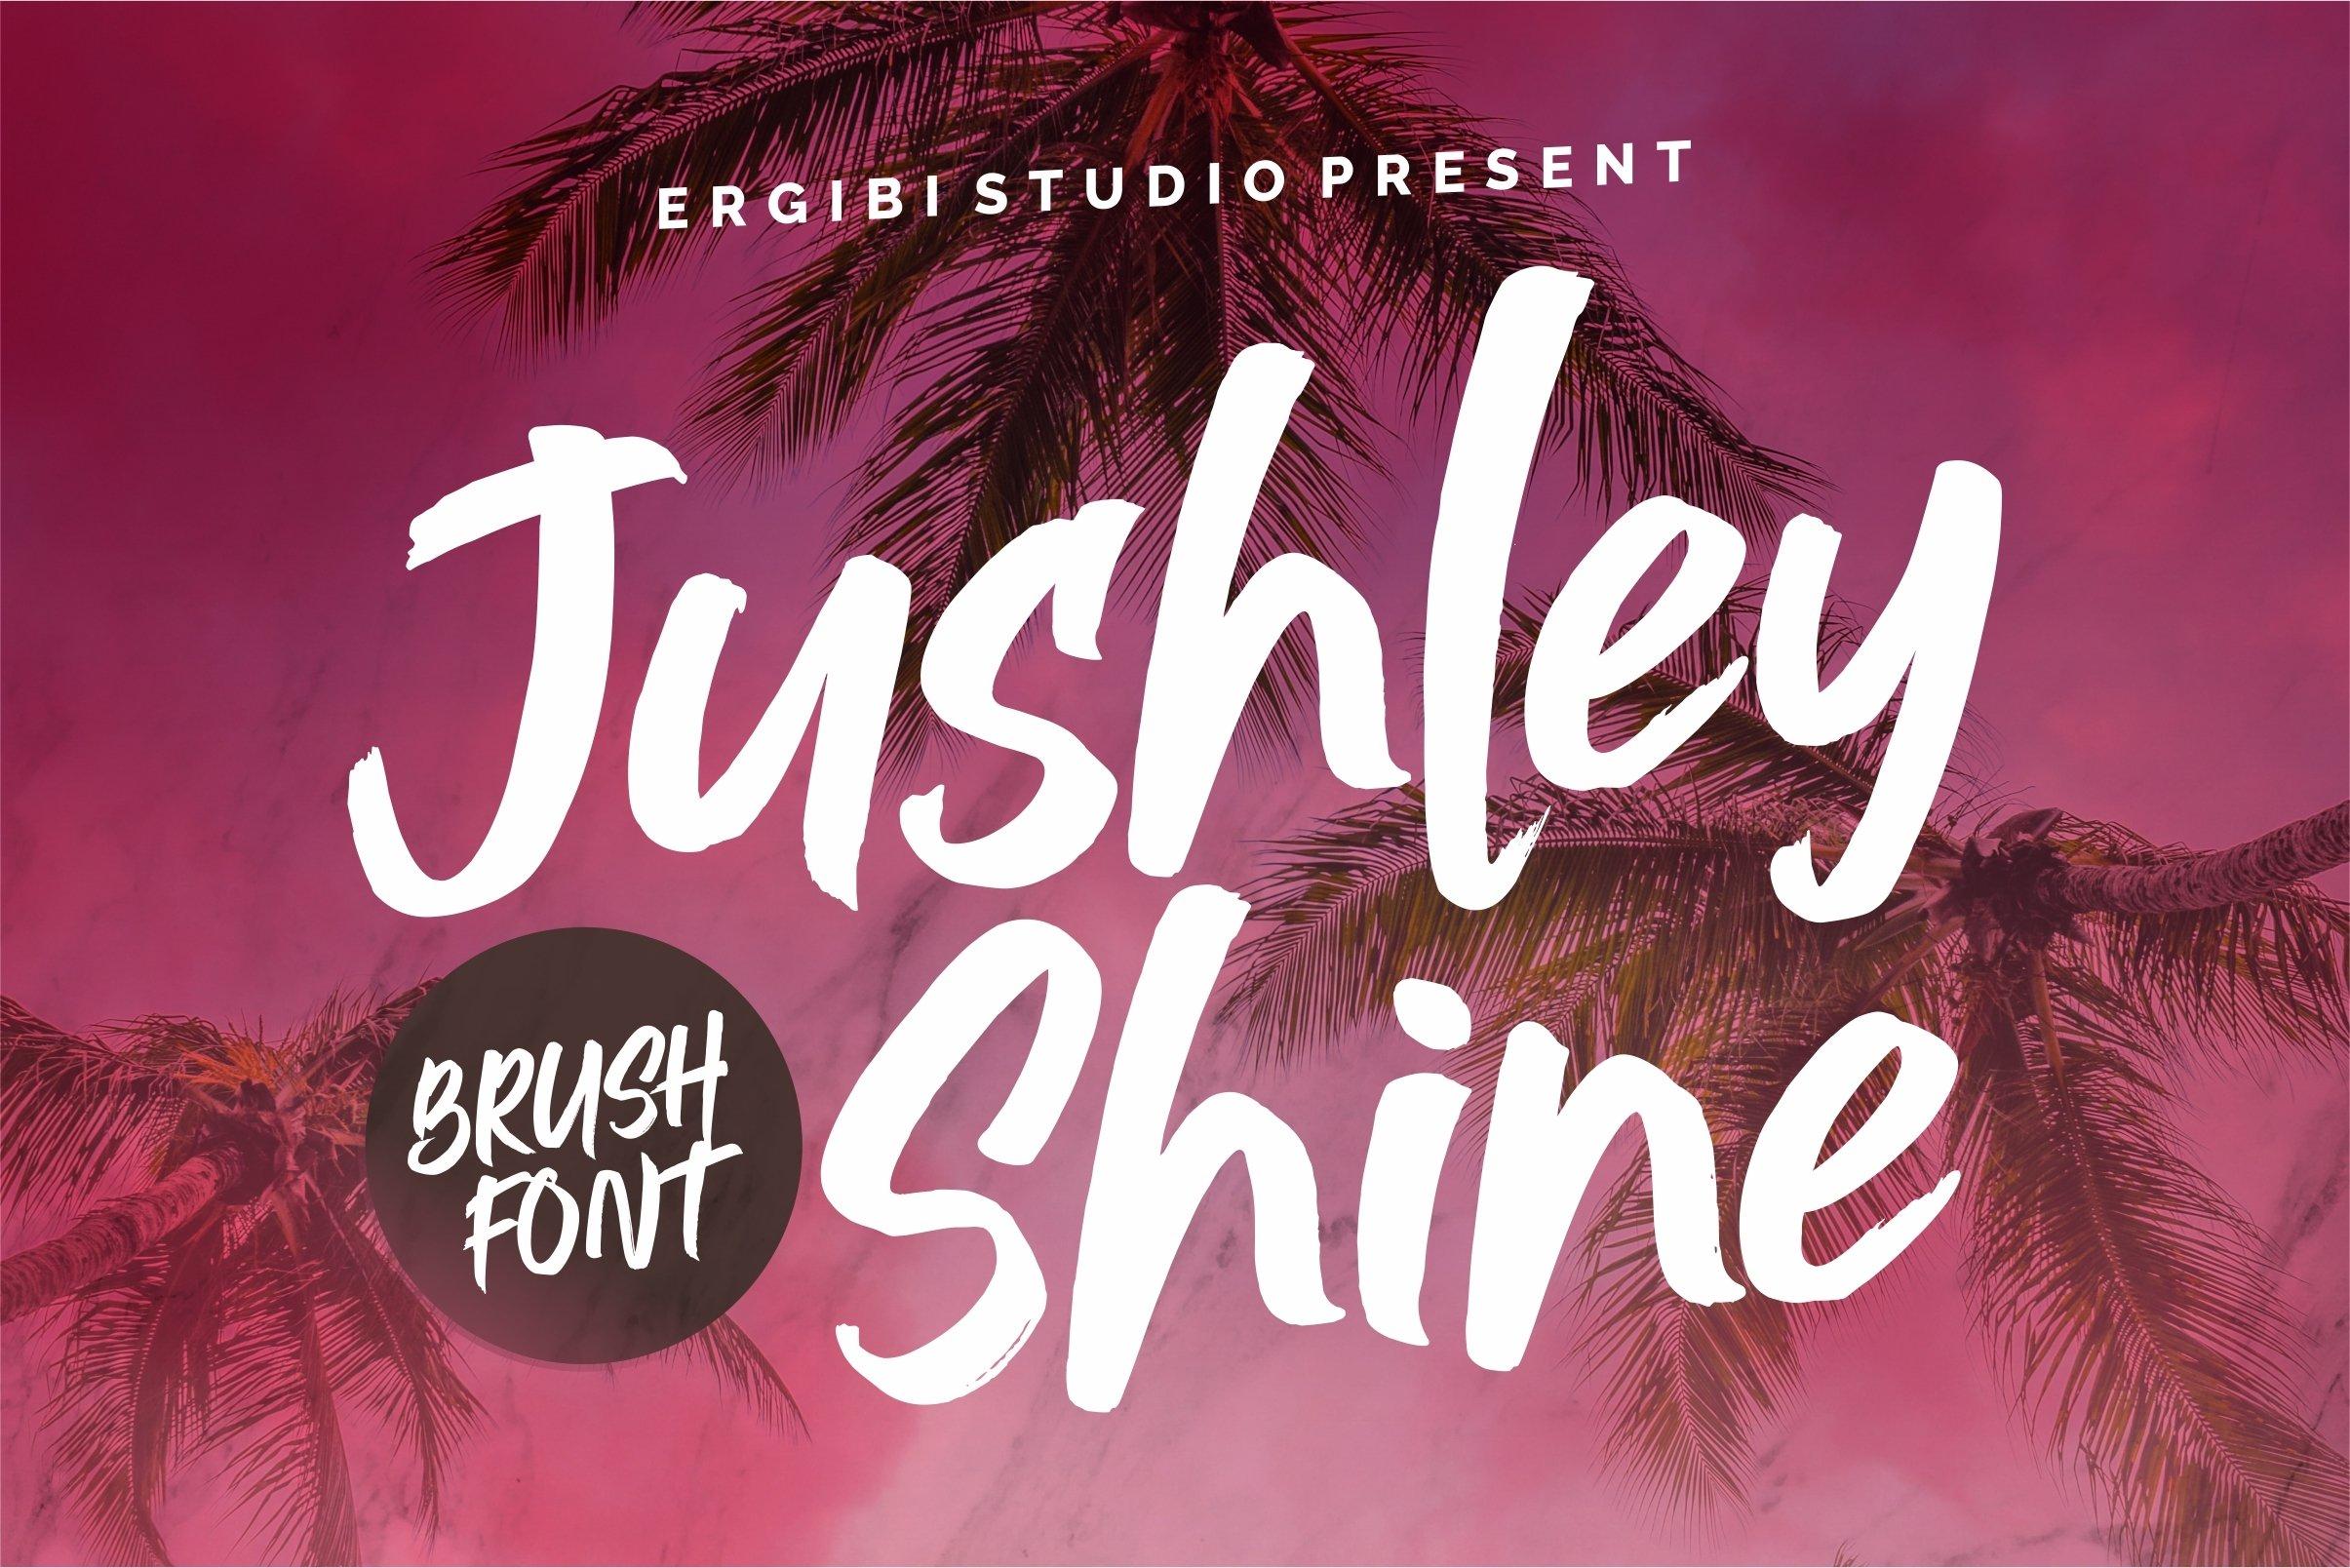 Jushley Shine - BRUSH FONT example image 1